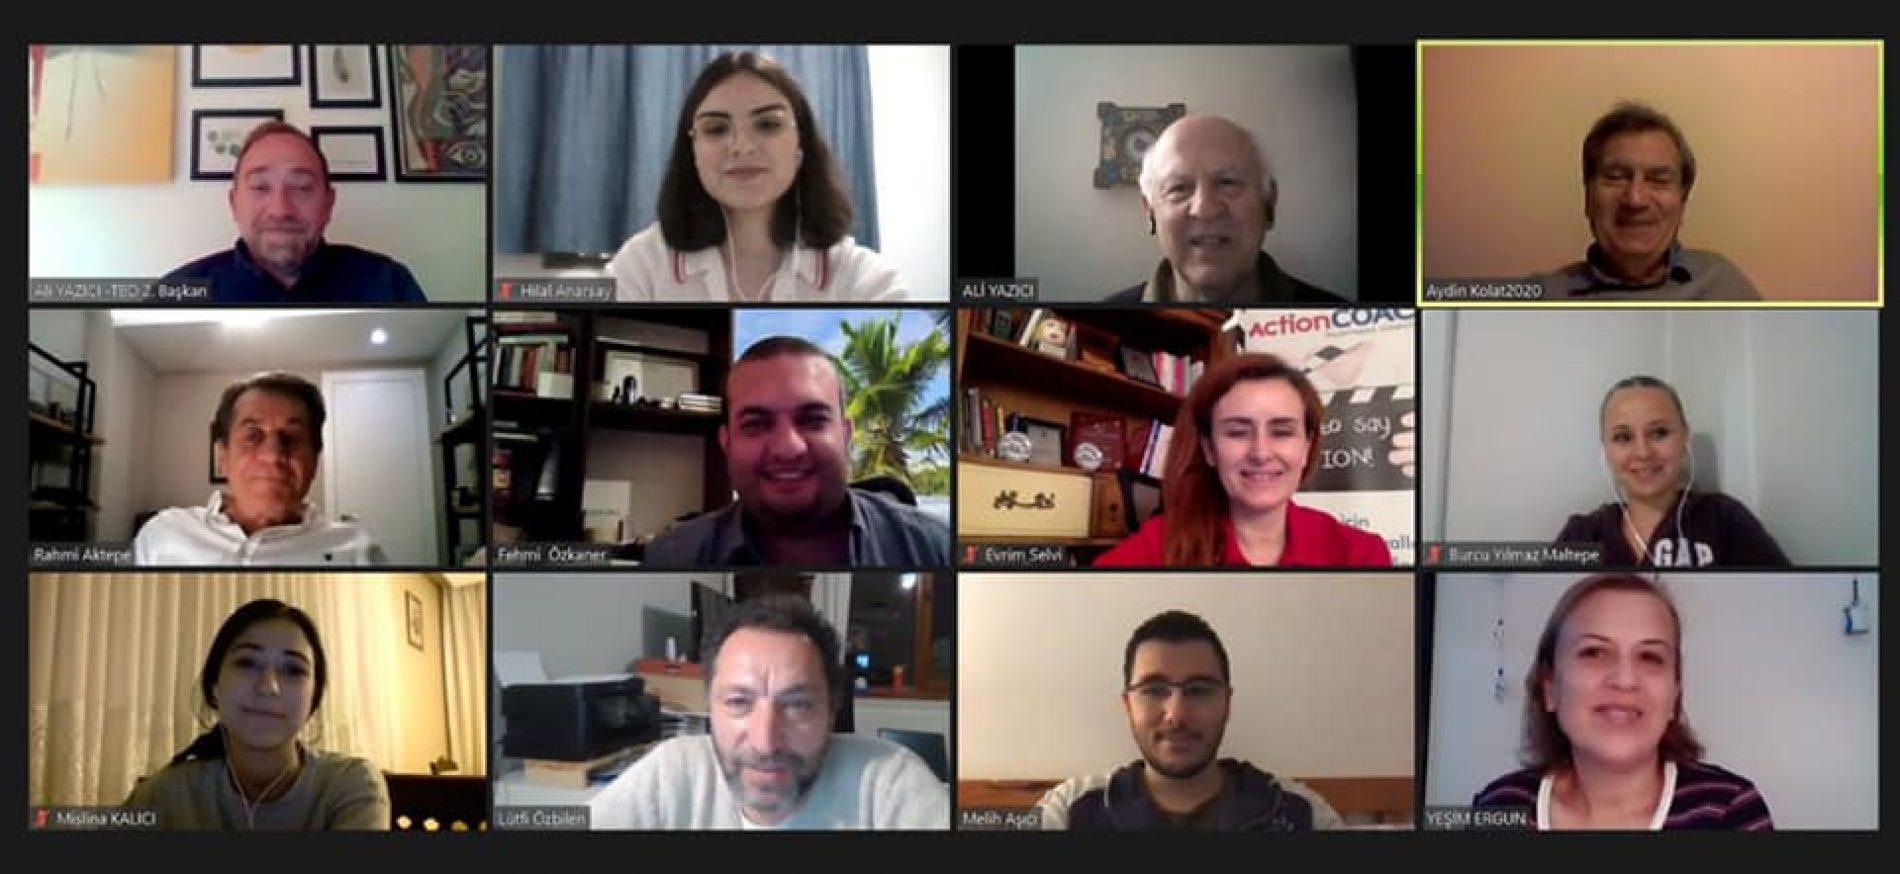 Türkiye Bilişim Derneği (TBD), Bilişim Teknolojileri Eğitimcileri Derneği (BTE) ve Bilgisayar Mühendisleri Dayanışma ve Yardımlaşma Derneği(BMDD-CENG) temsilcileri Proje Toplantıları için Bir Araya Geldiler